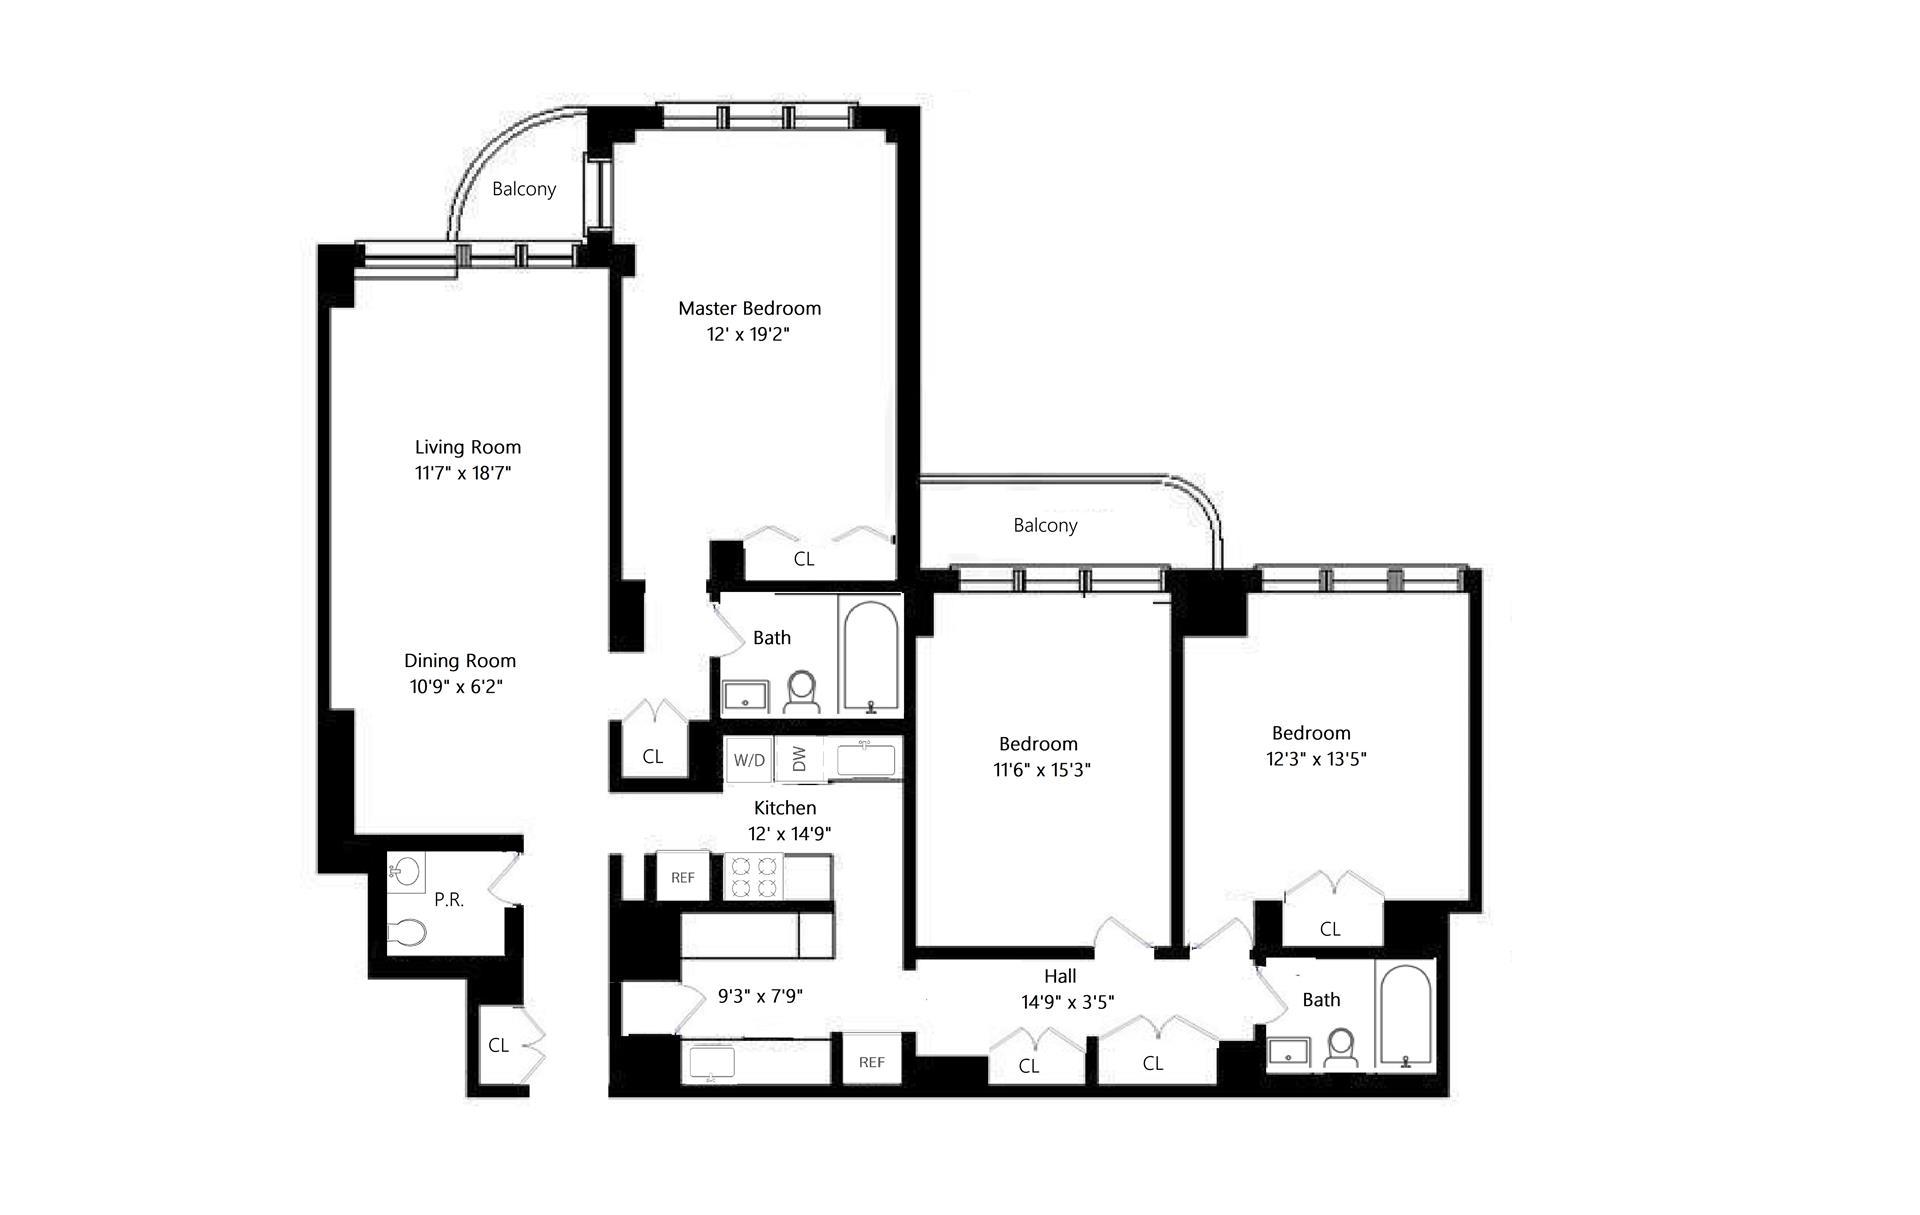 Floor plan of 343 East 74th St, 6JK - Upper East Side, New York